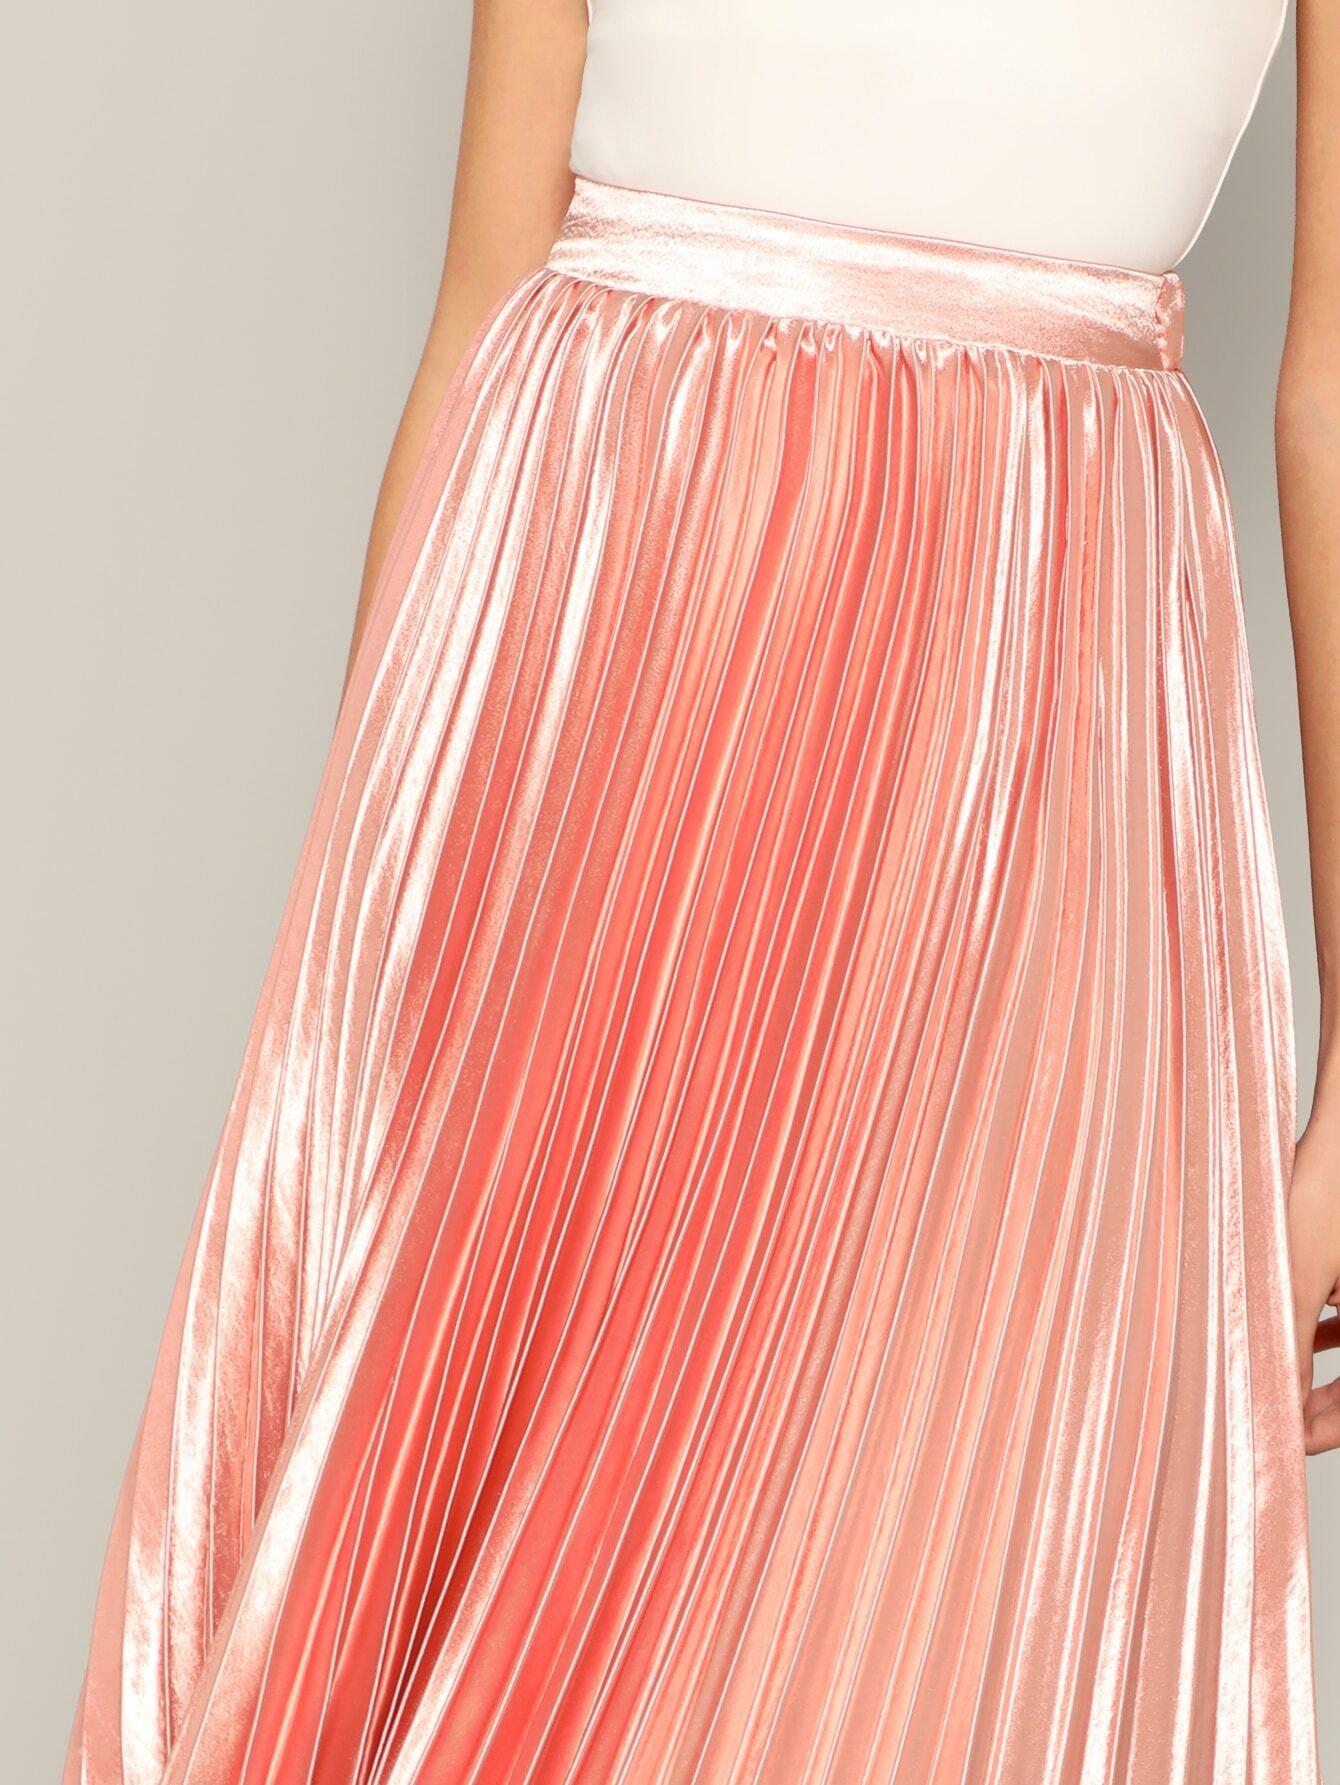 Clubwear Jupe Mini Courte Bodycon stretchrock élastique taille unicolore